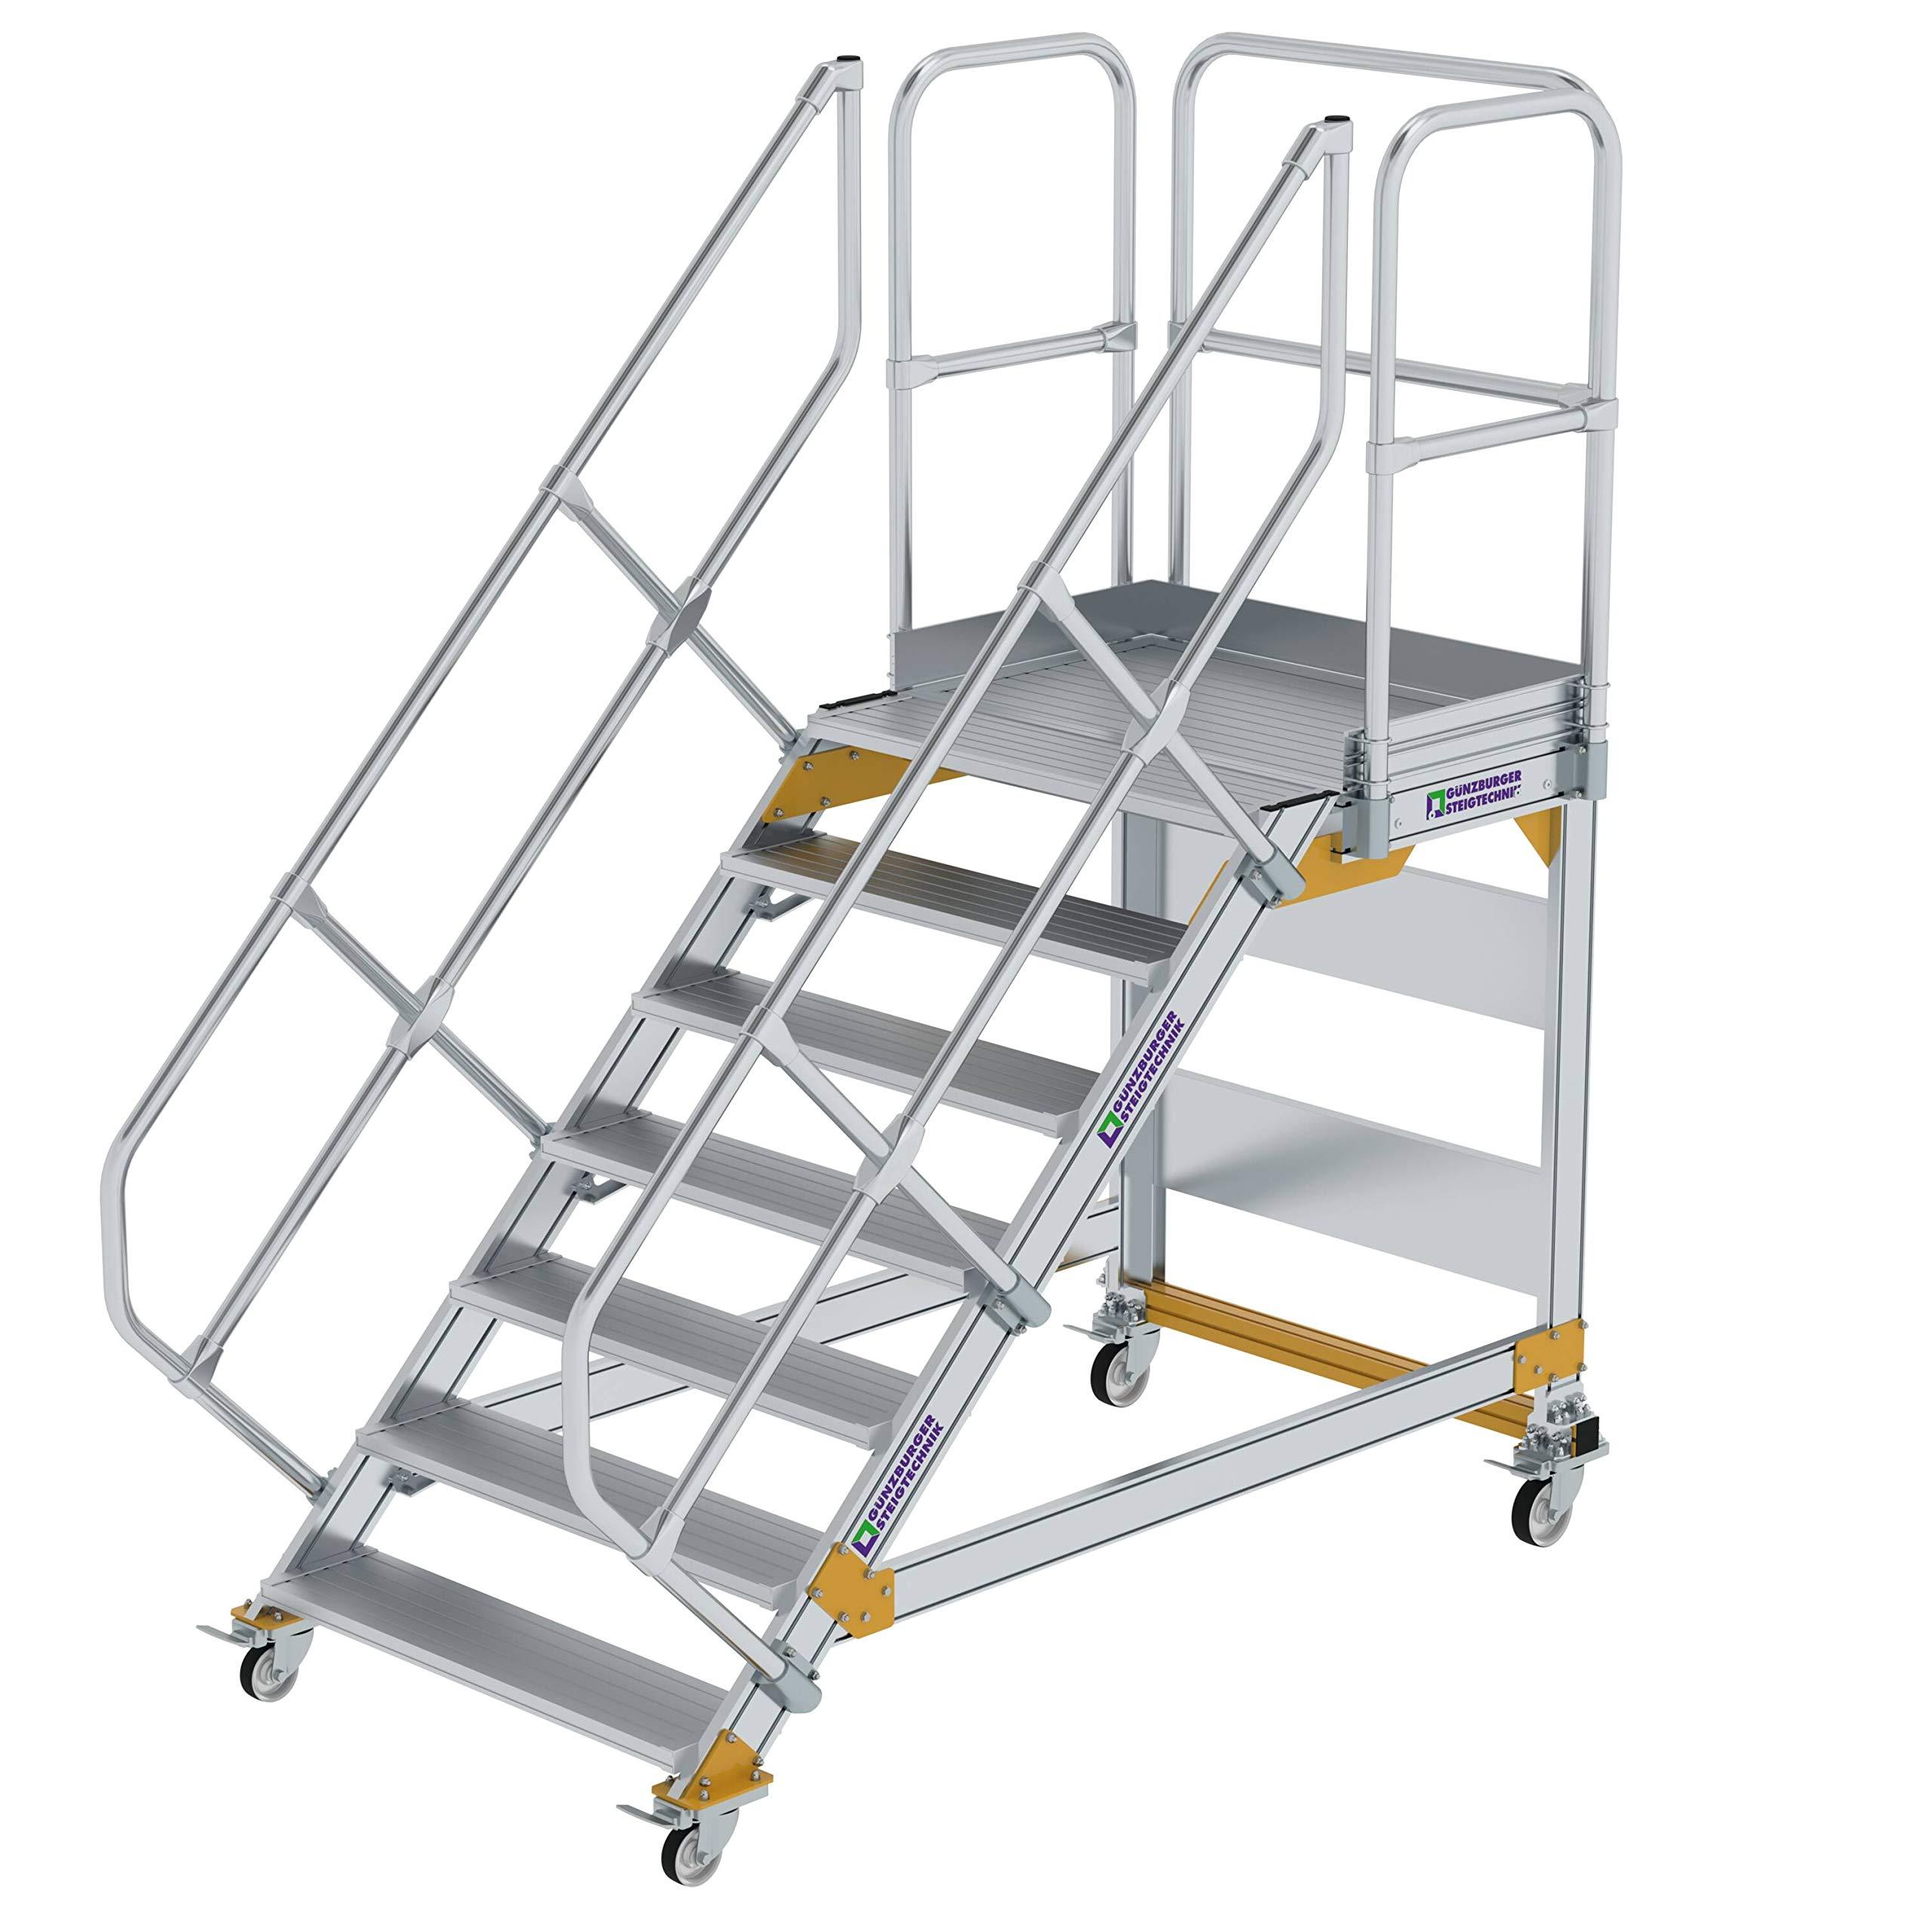 GÜNZBURGER STEIGTECHNIK Escalera de plataforma de aluminio, móvil, 45°, 1.000x7: Amazon.es: Bricolaje y herramientas